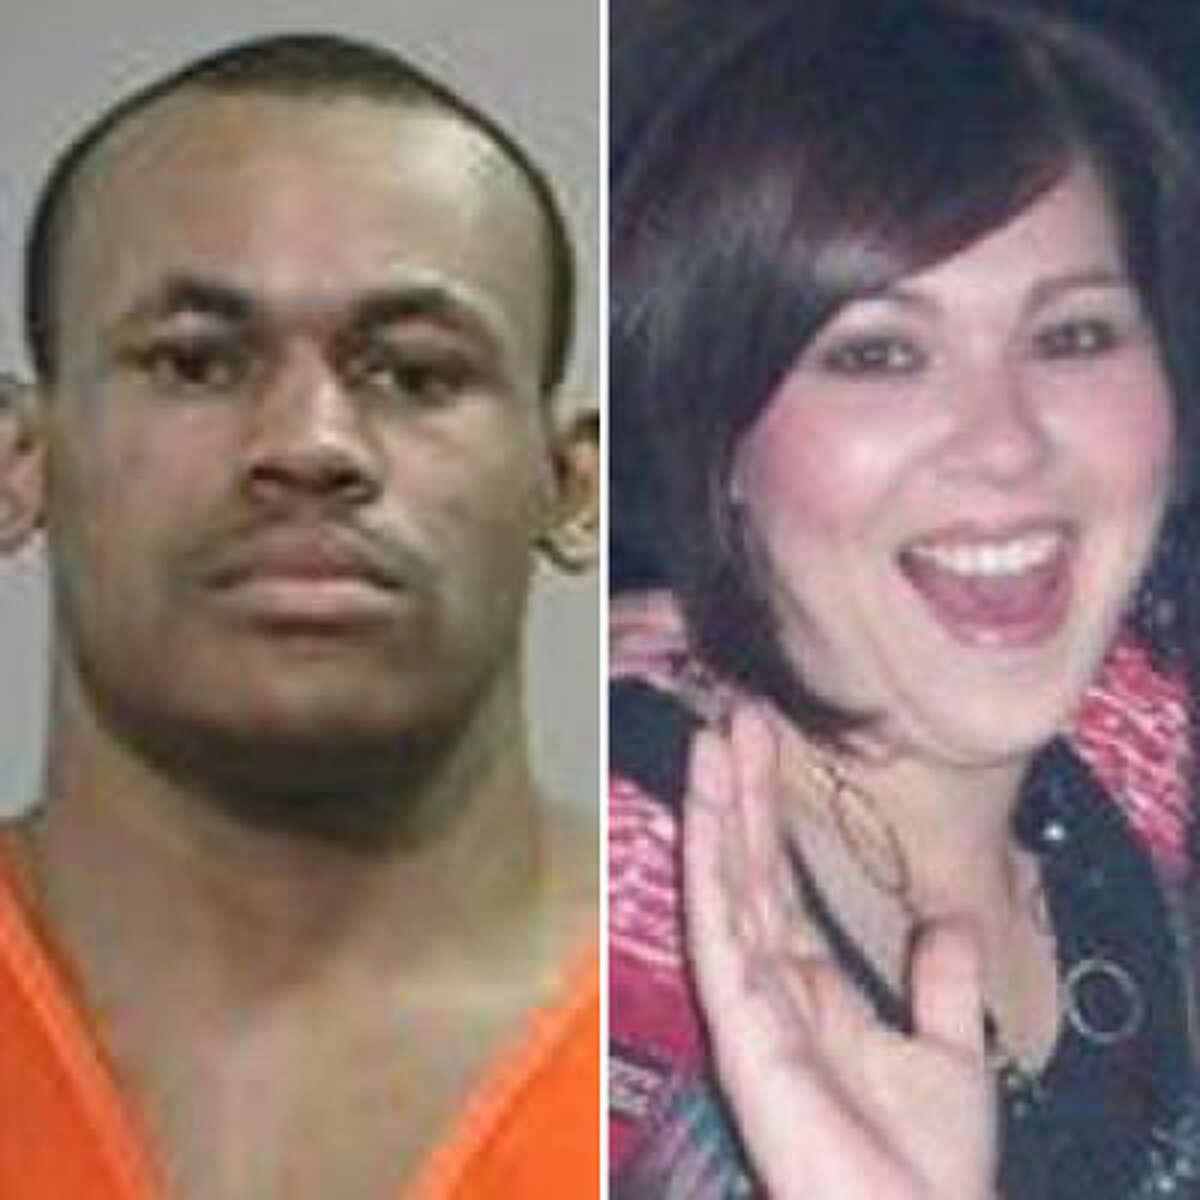 Nicholas-Michael Edwin Jean was punished for the death of Susana Puente De Jesus.